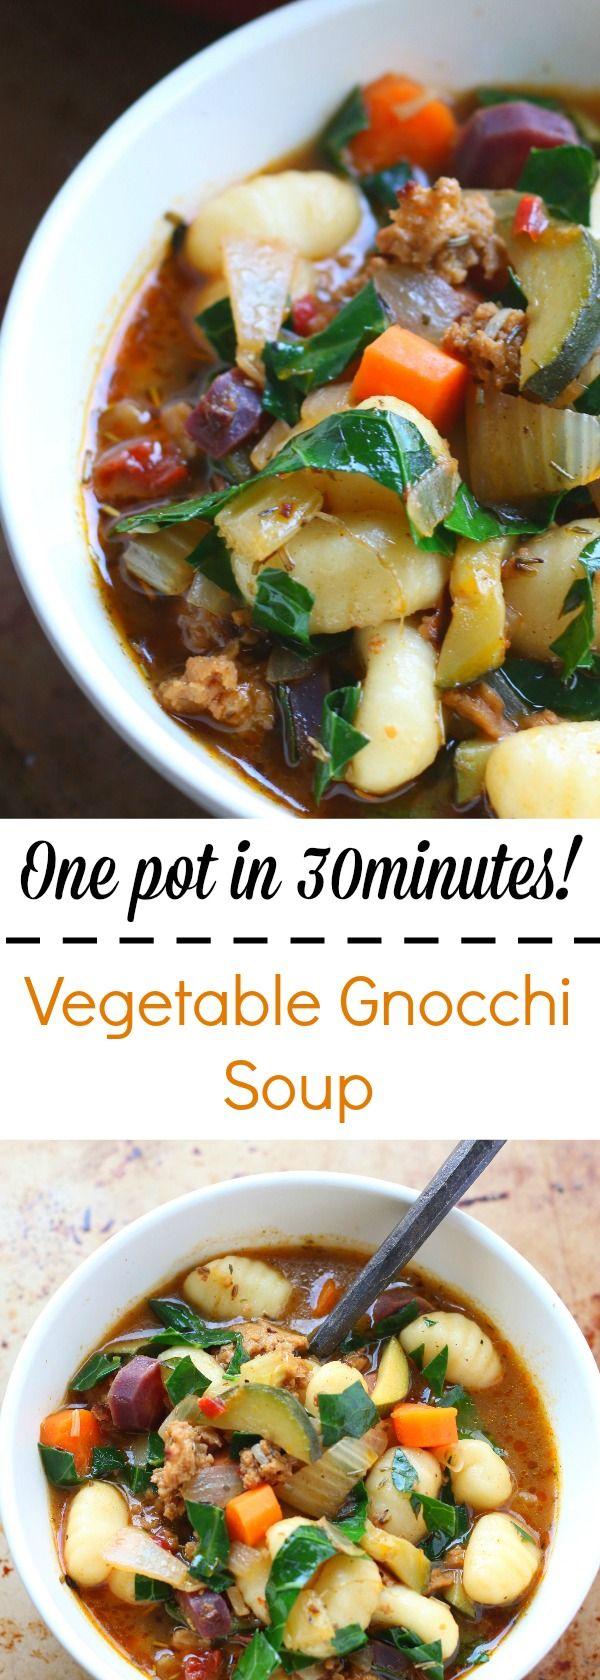 One pot in 30 minutes Vegetable Gnocchi Soup!   #gnocchi #soup #souprecipes #vegetables